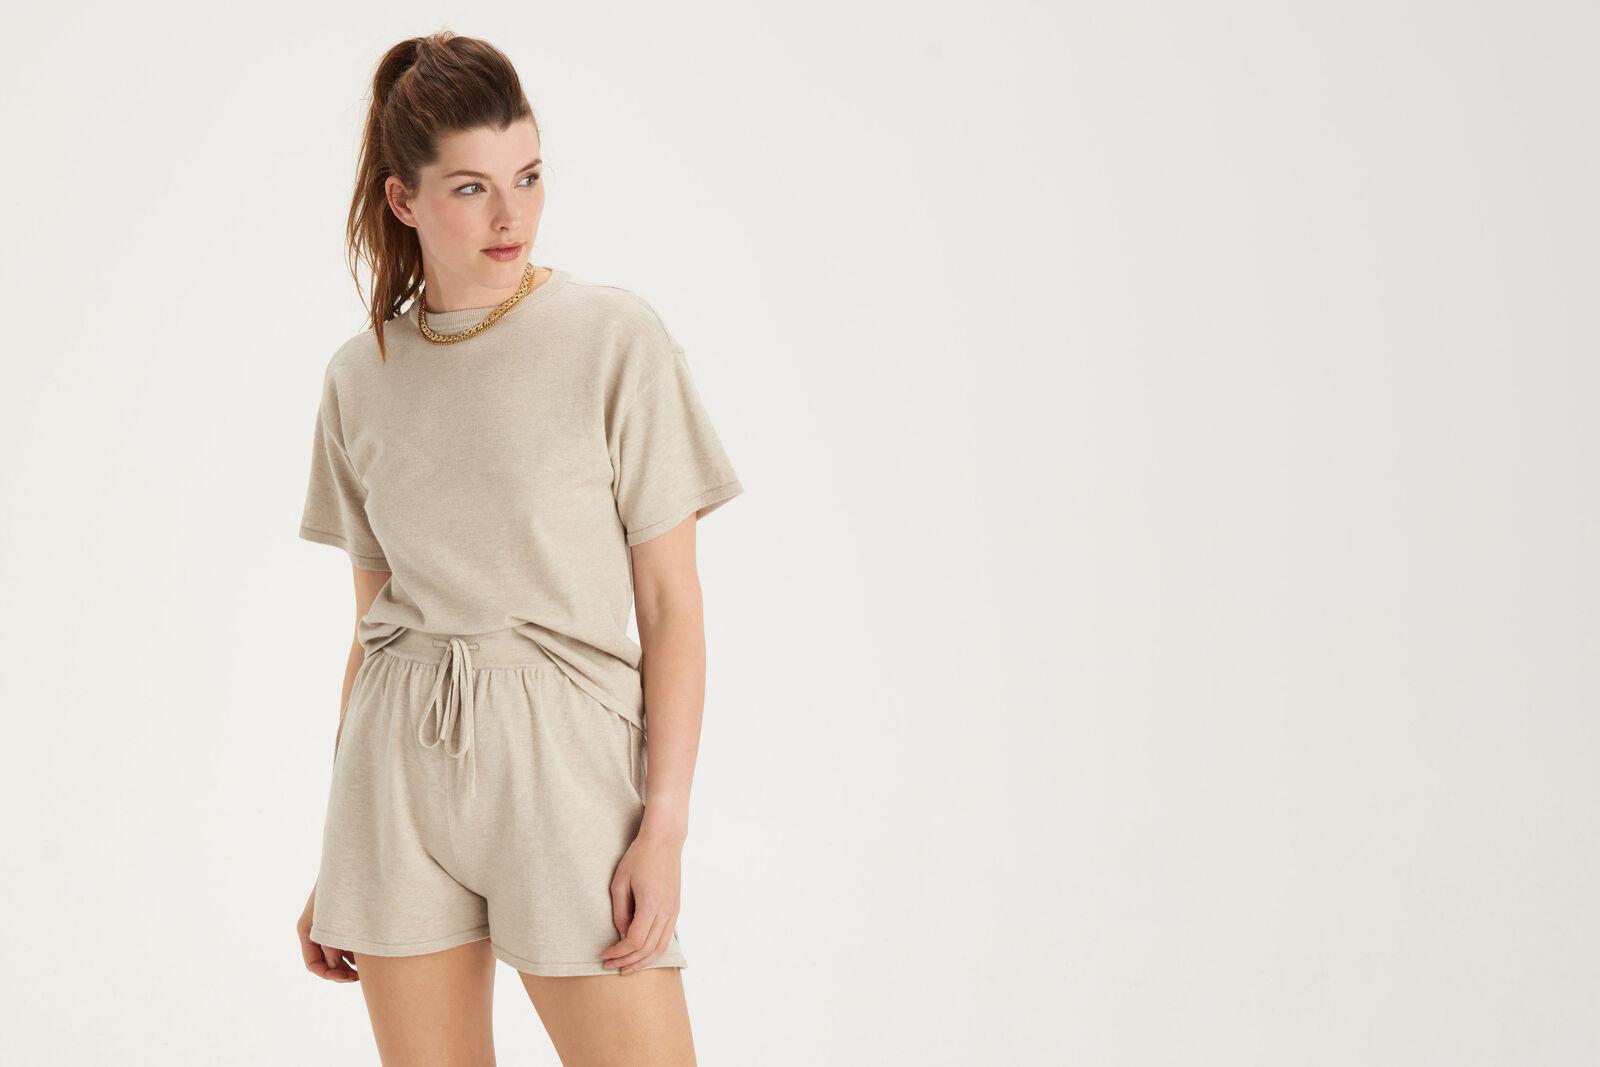 Knit Shortsleeve T-shirt